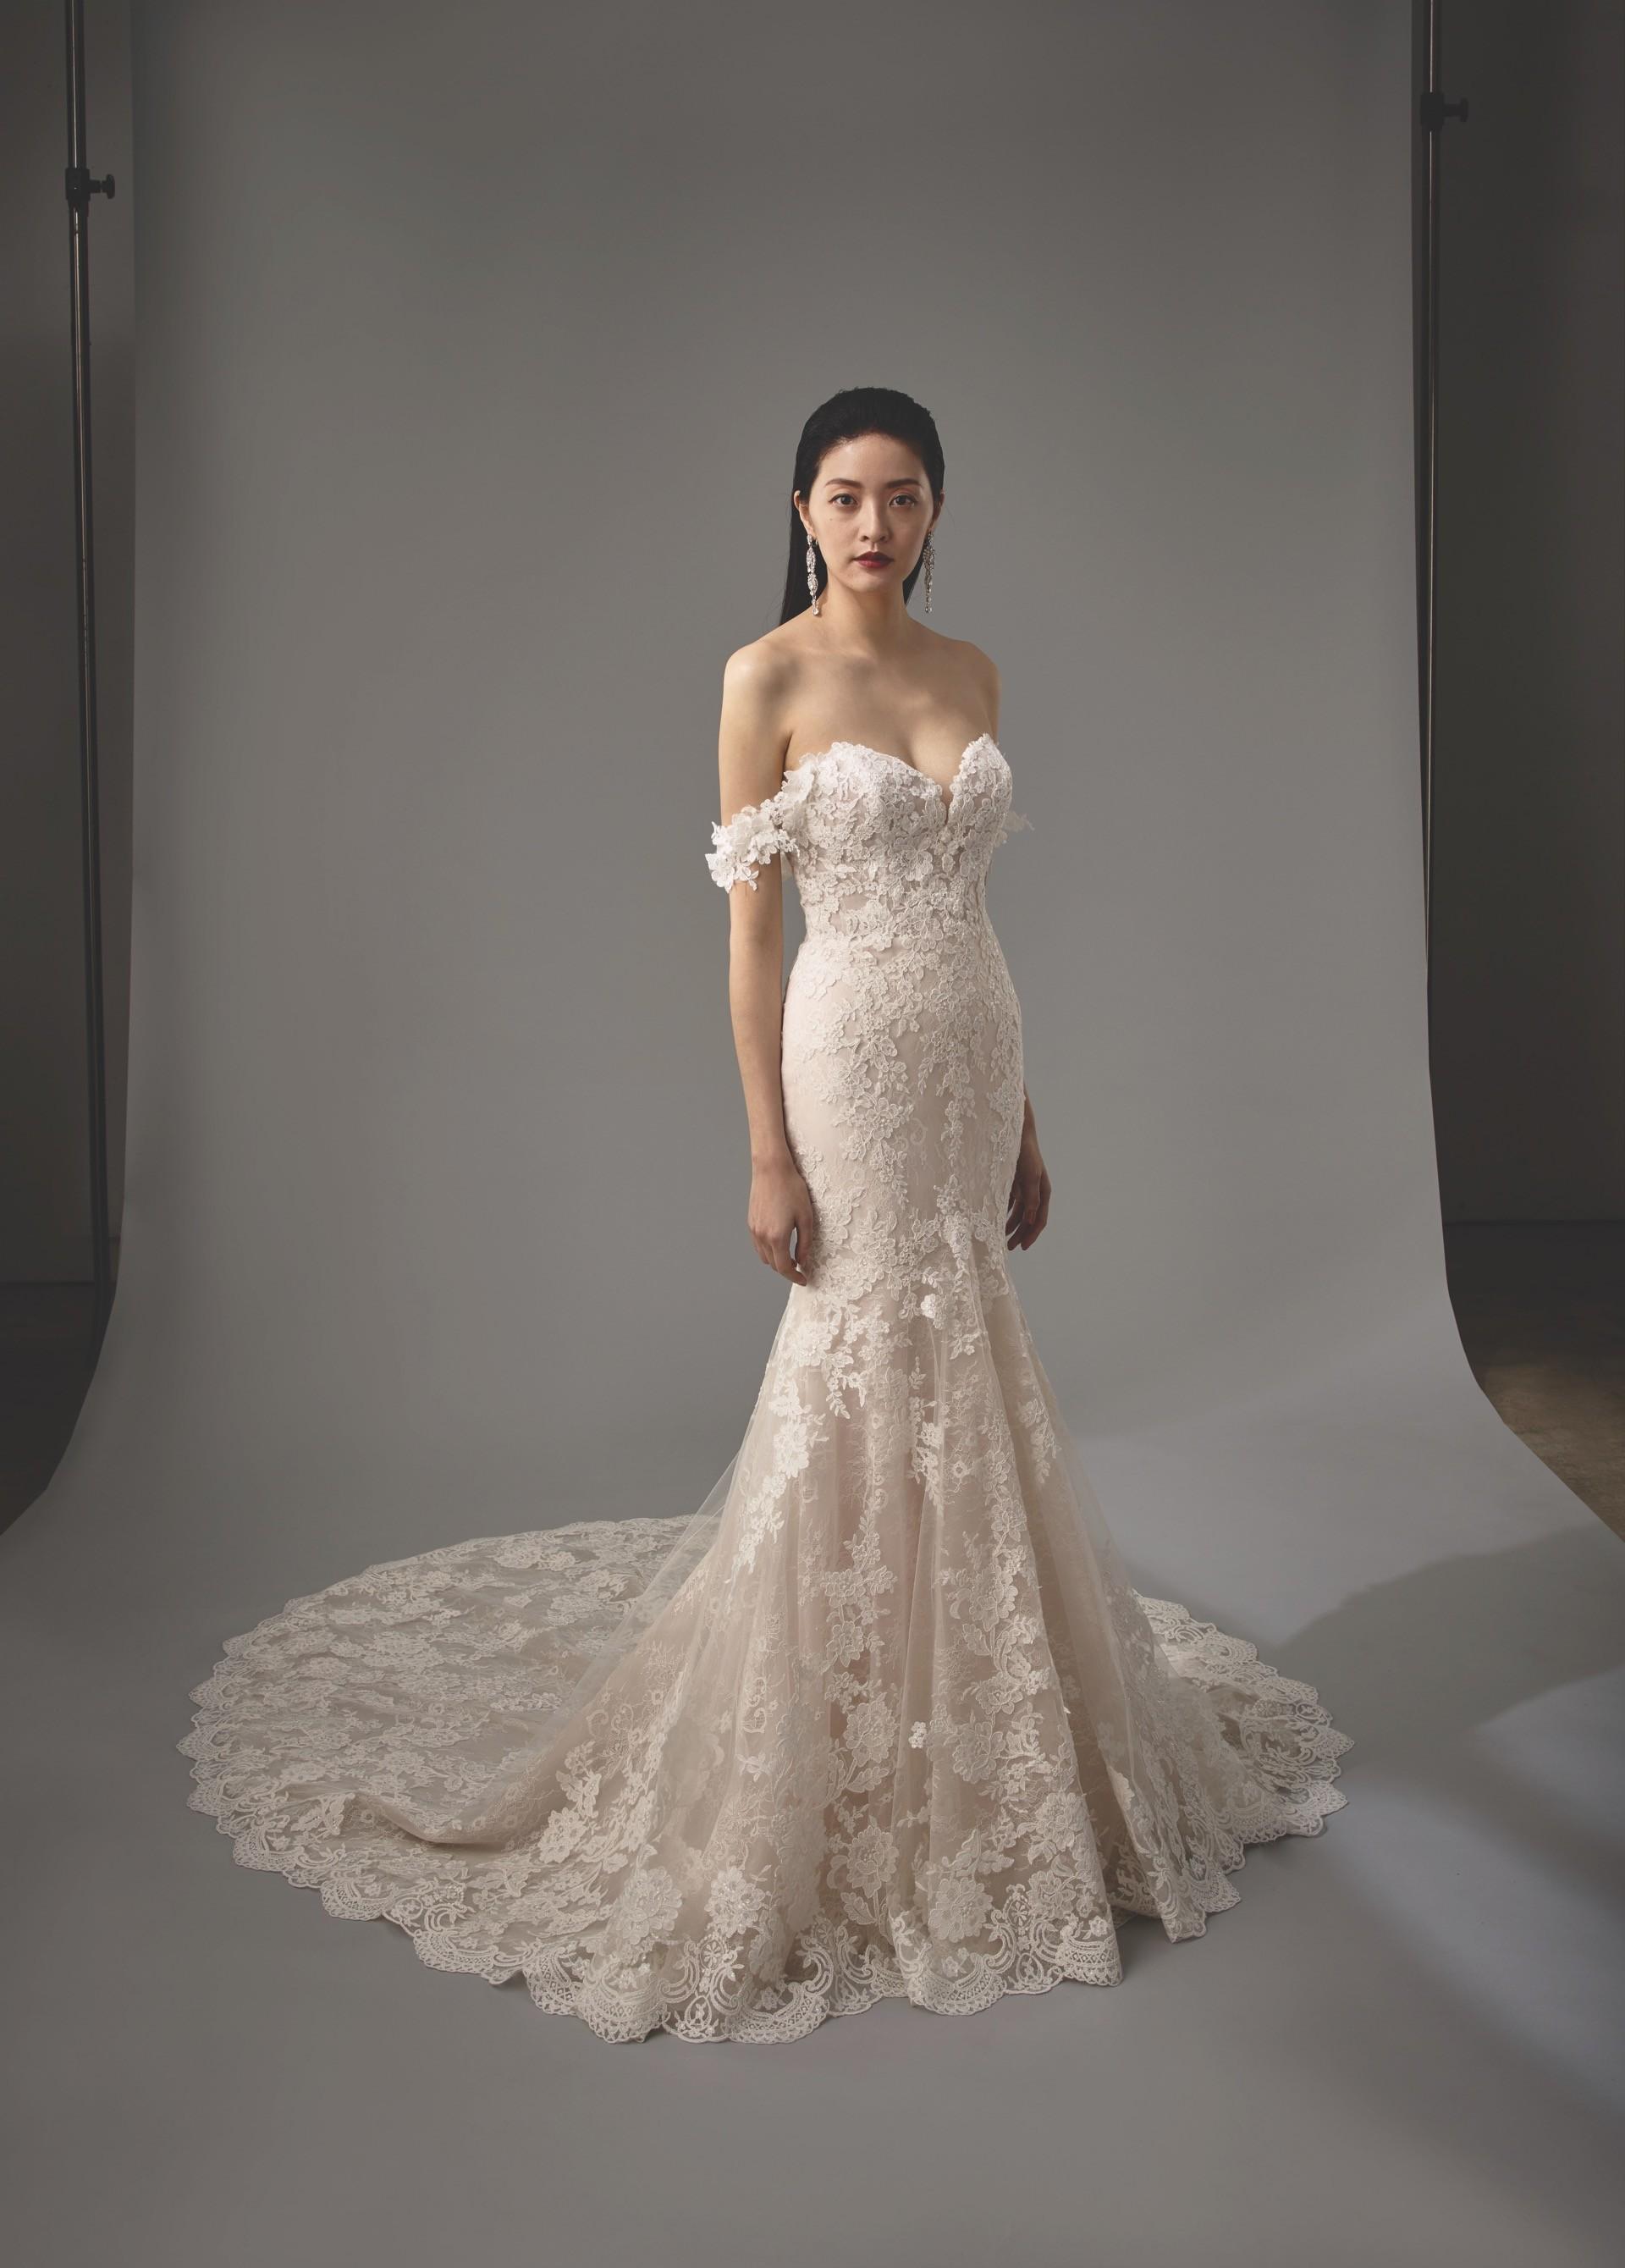 Brautkleid Modell Marija aus der Blue by Enzoani Kollektion 2020